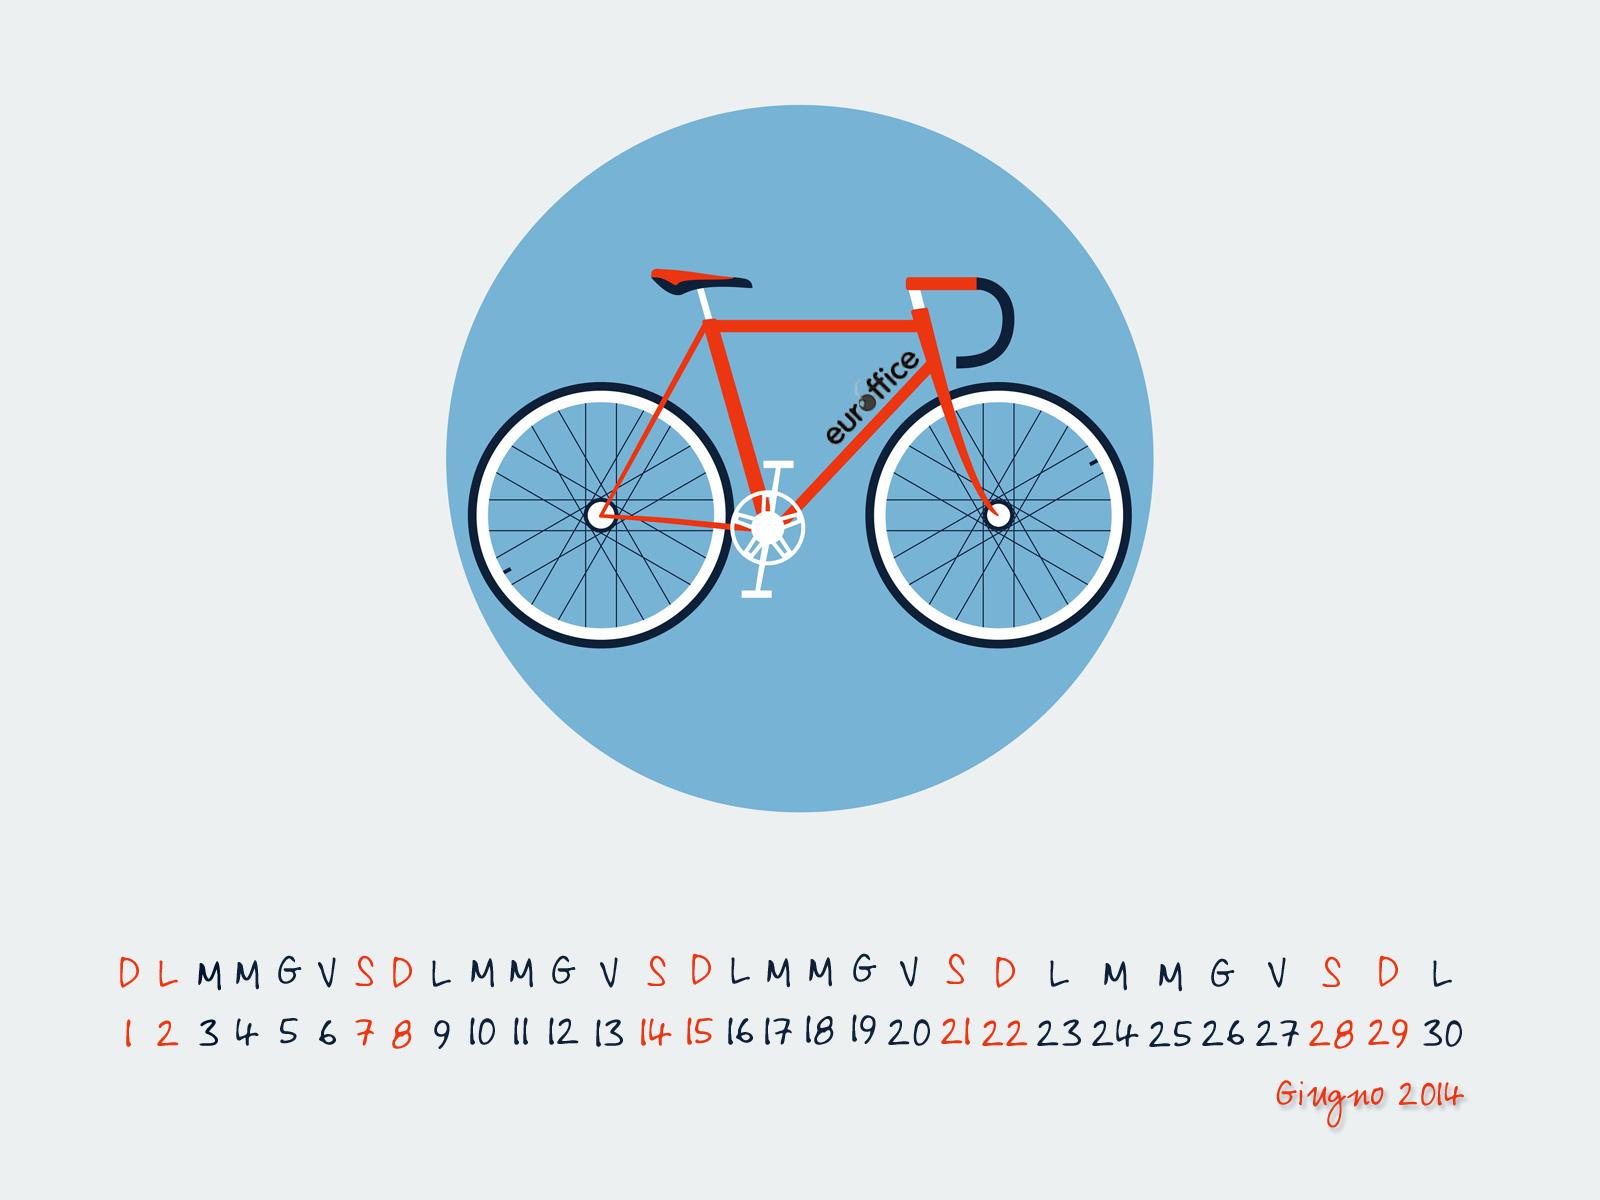 Wallpaper giugno 2014 - Bicicletta